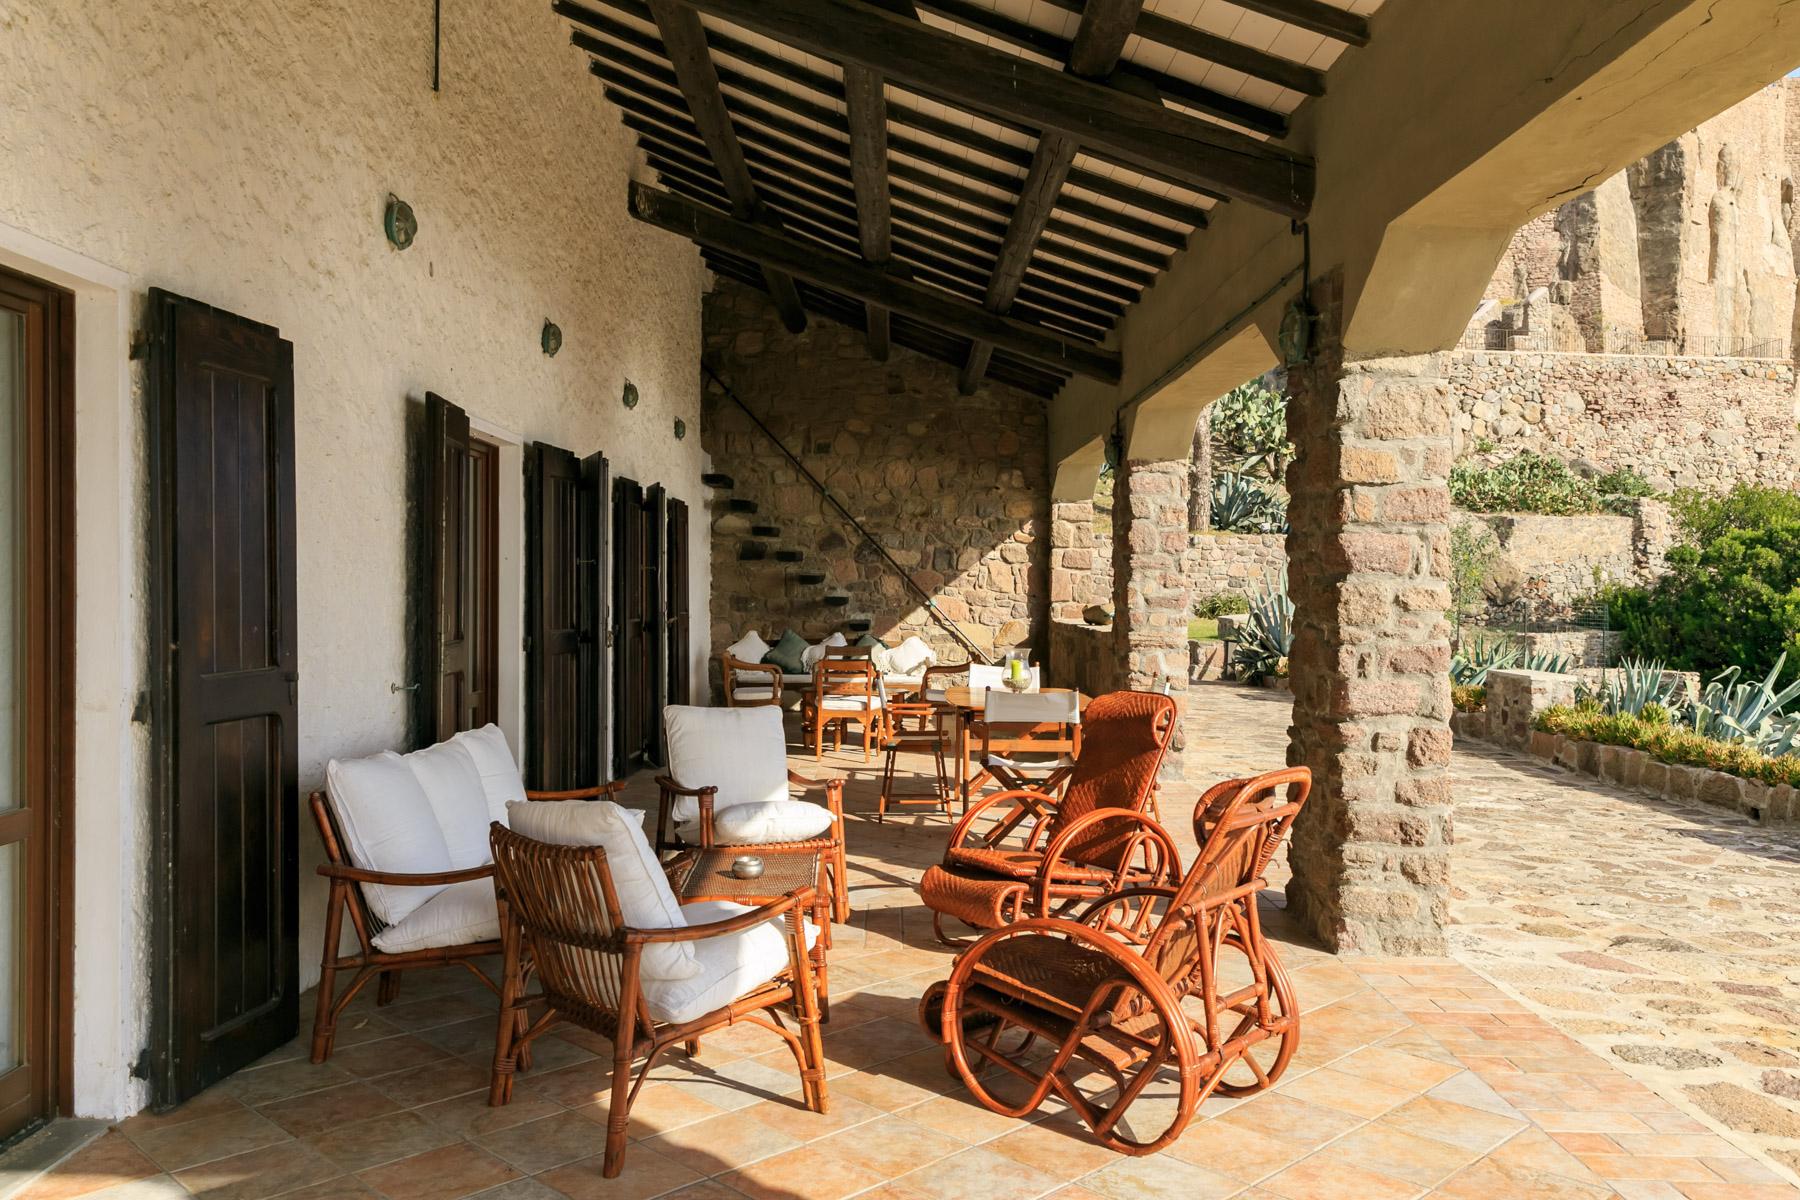 Villa in Vendita a Capraia Isola: 5 locali, 320 mq - Foto 6